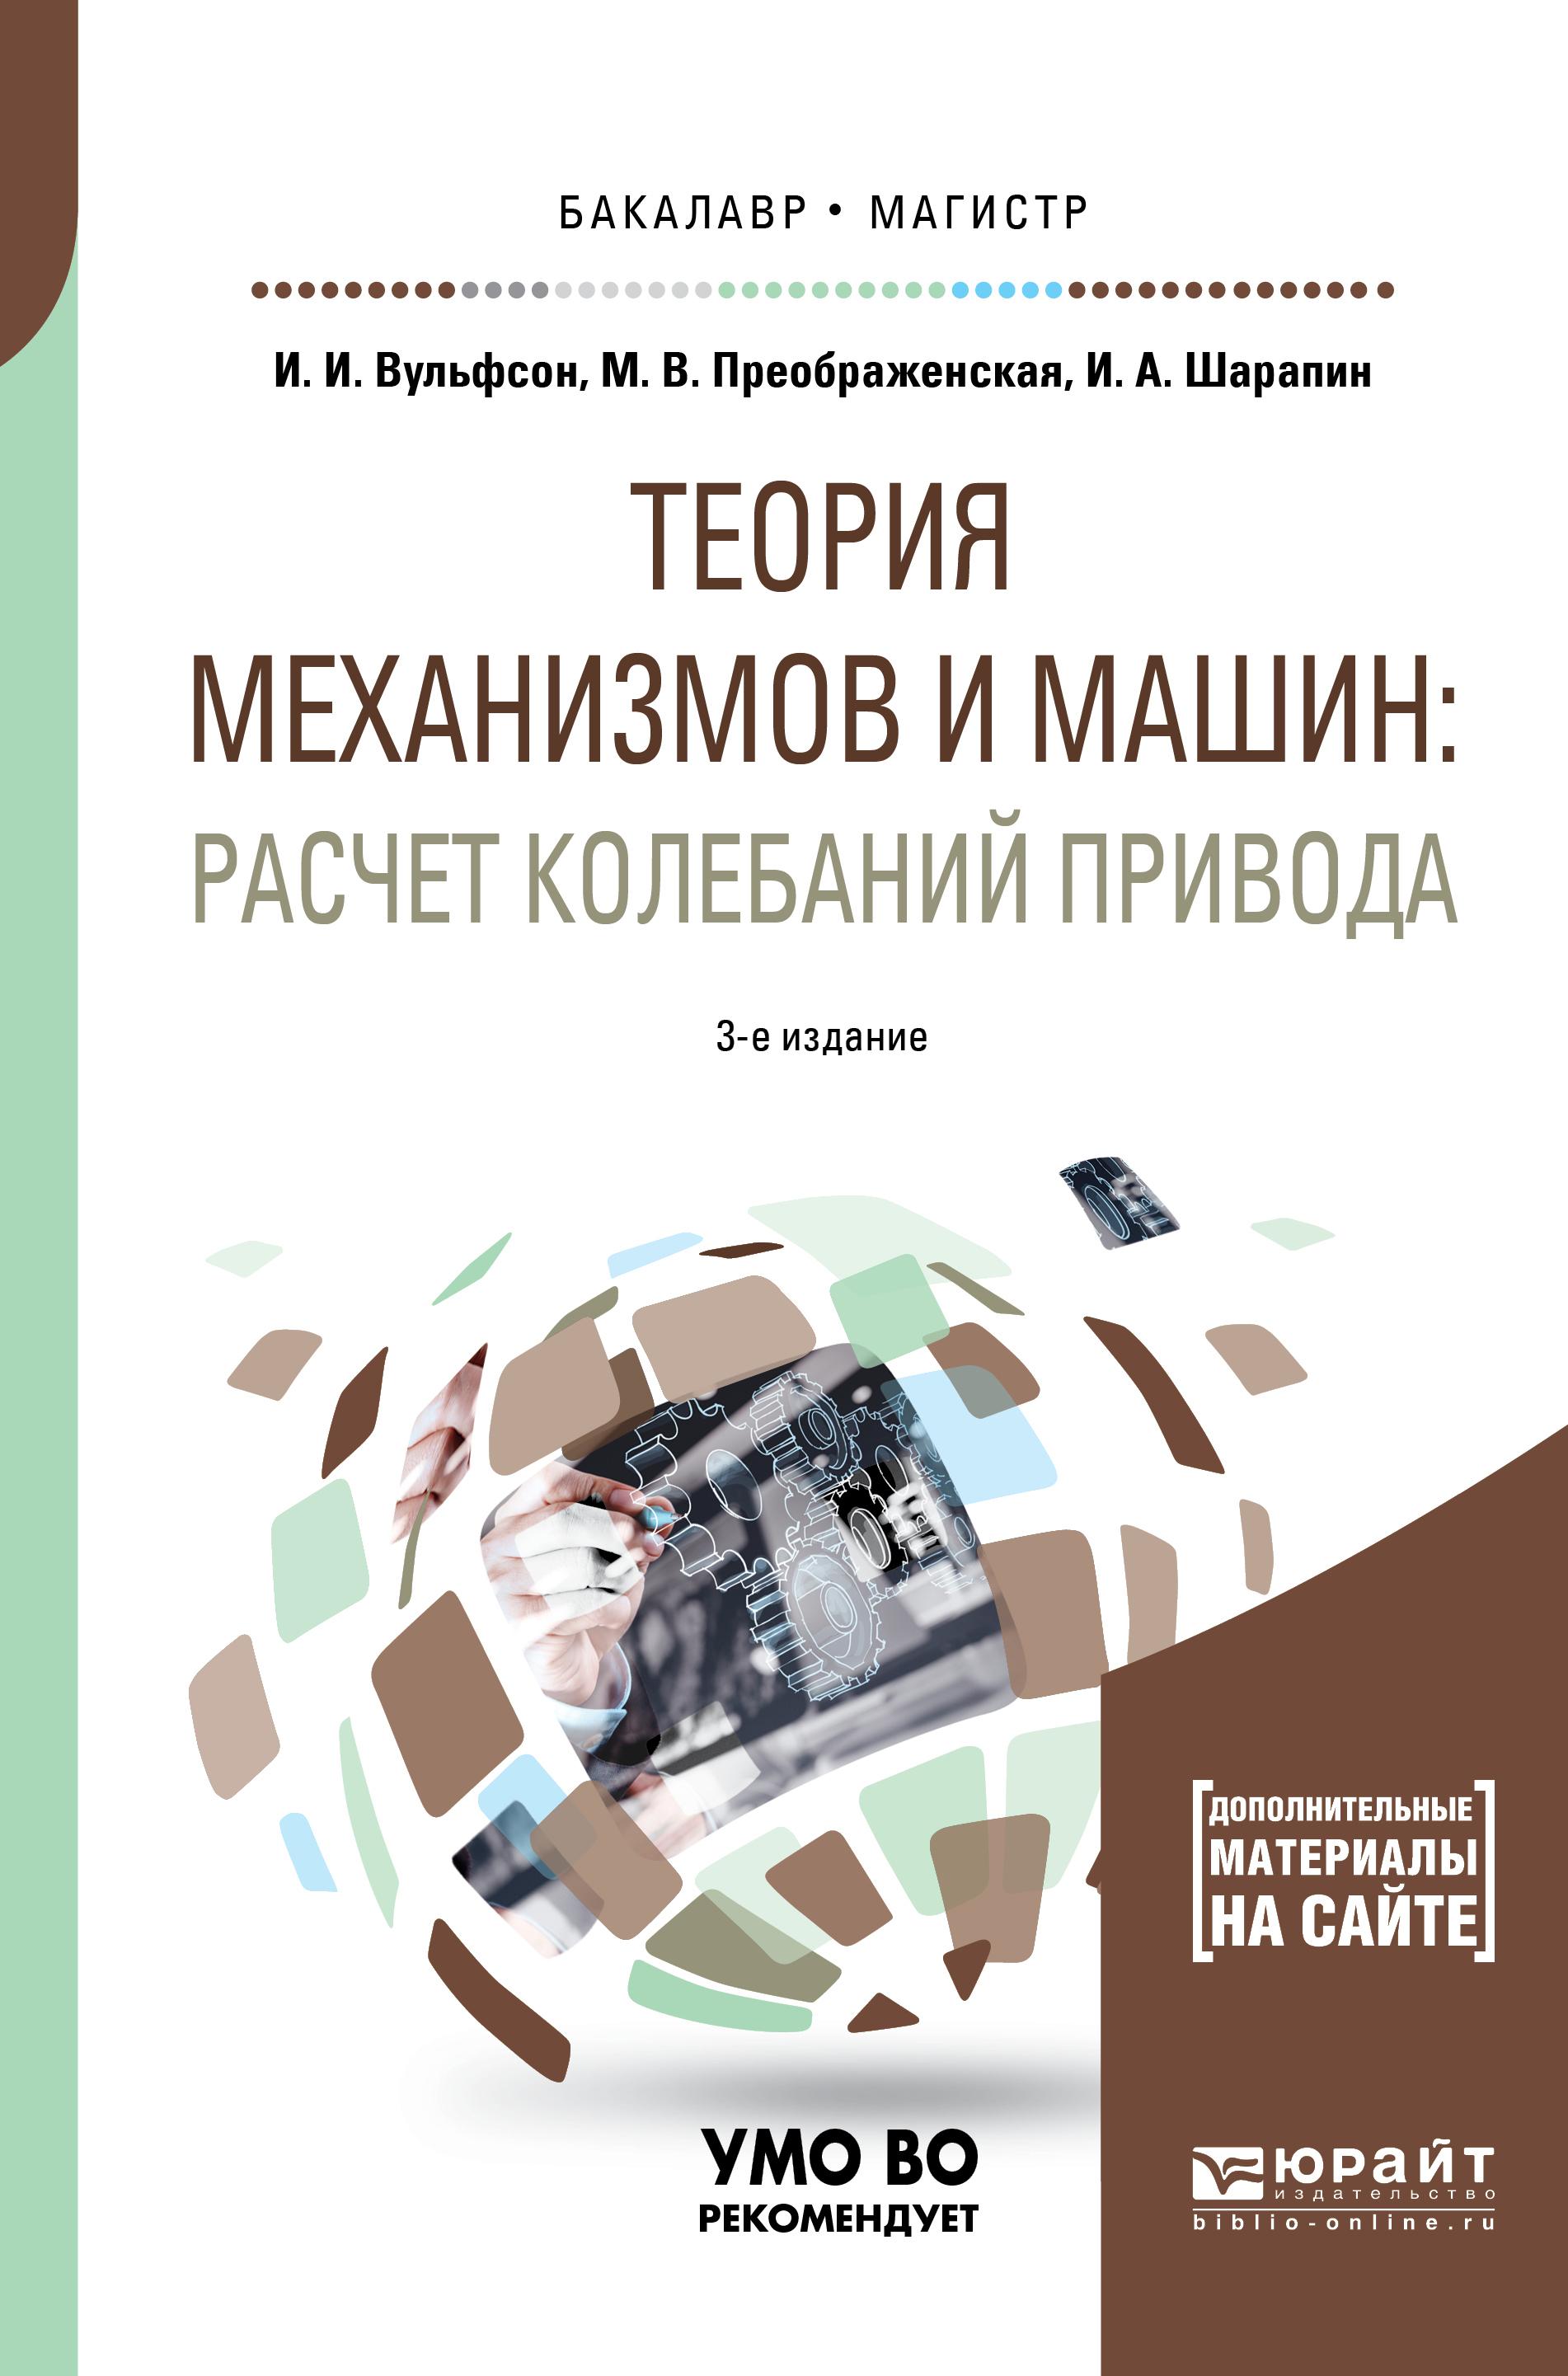 Теория механизмов и машин: расчет колебаний привода. Учебное пособие для бакалавриата и магистратуры